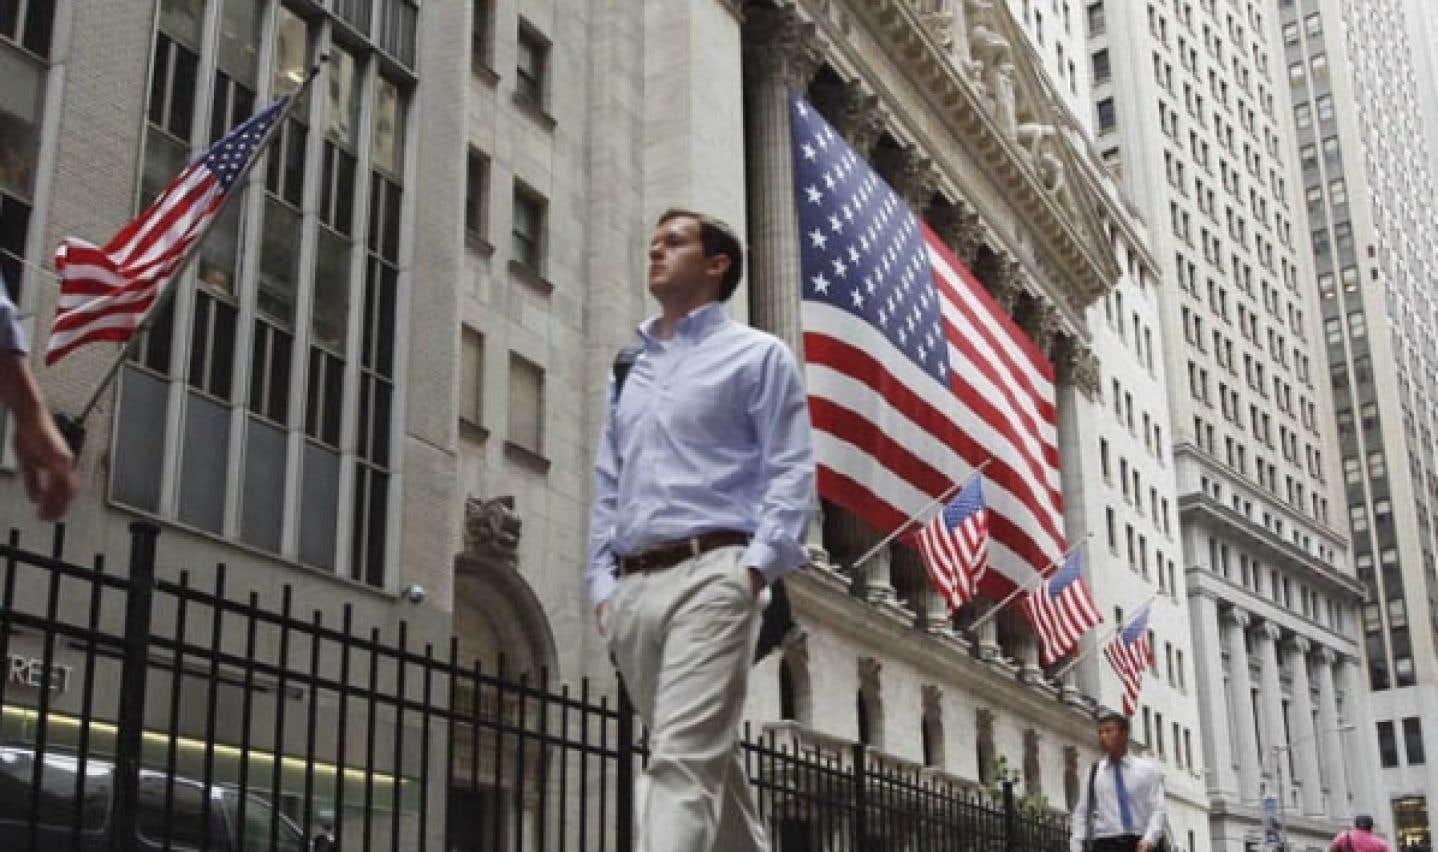 États-Unis - Une entente sur la dette n'empêcherait pas une décote